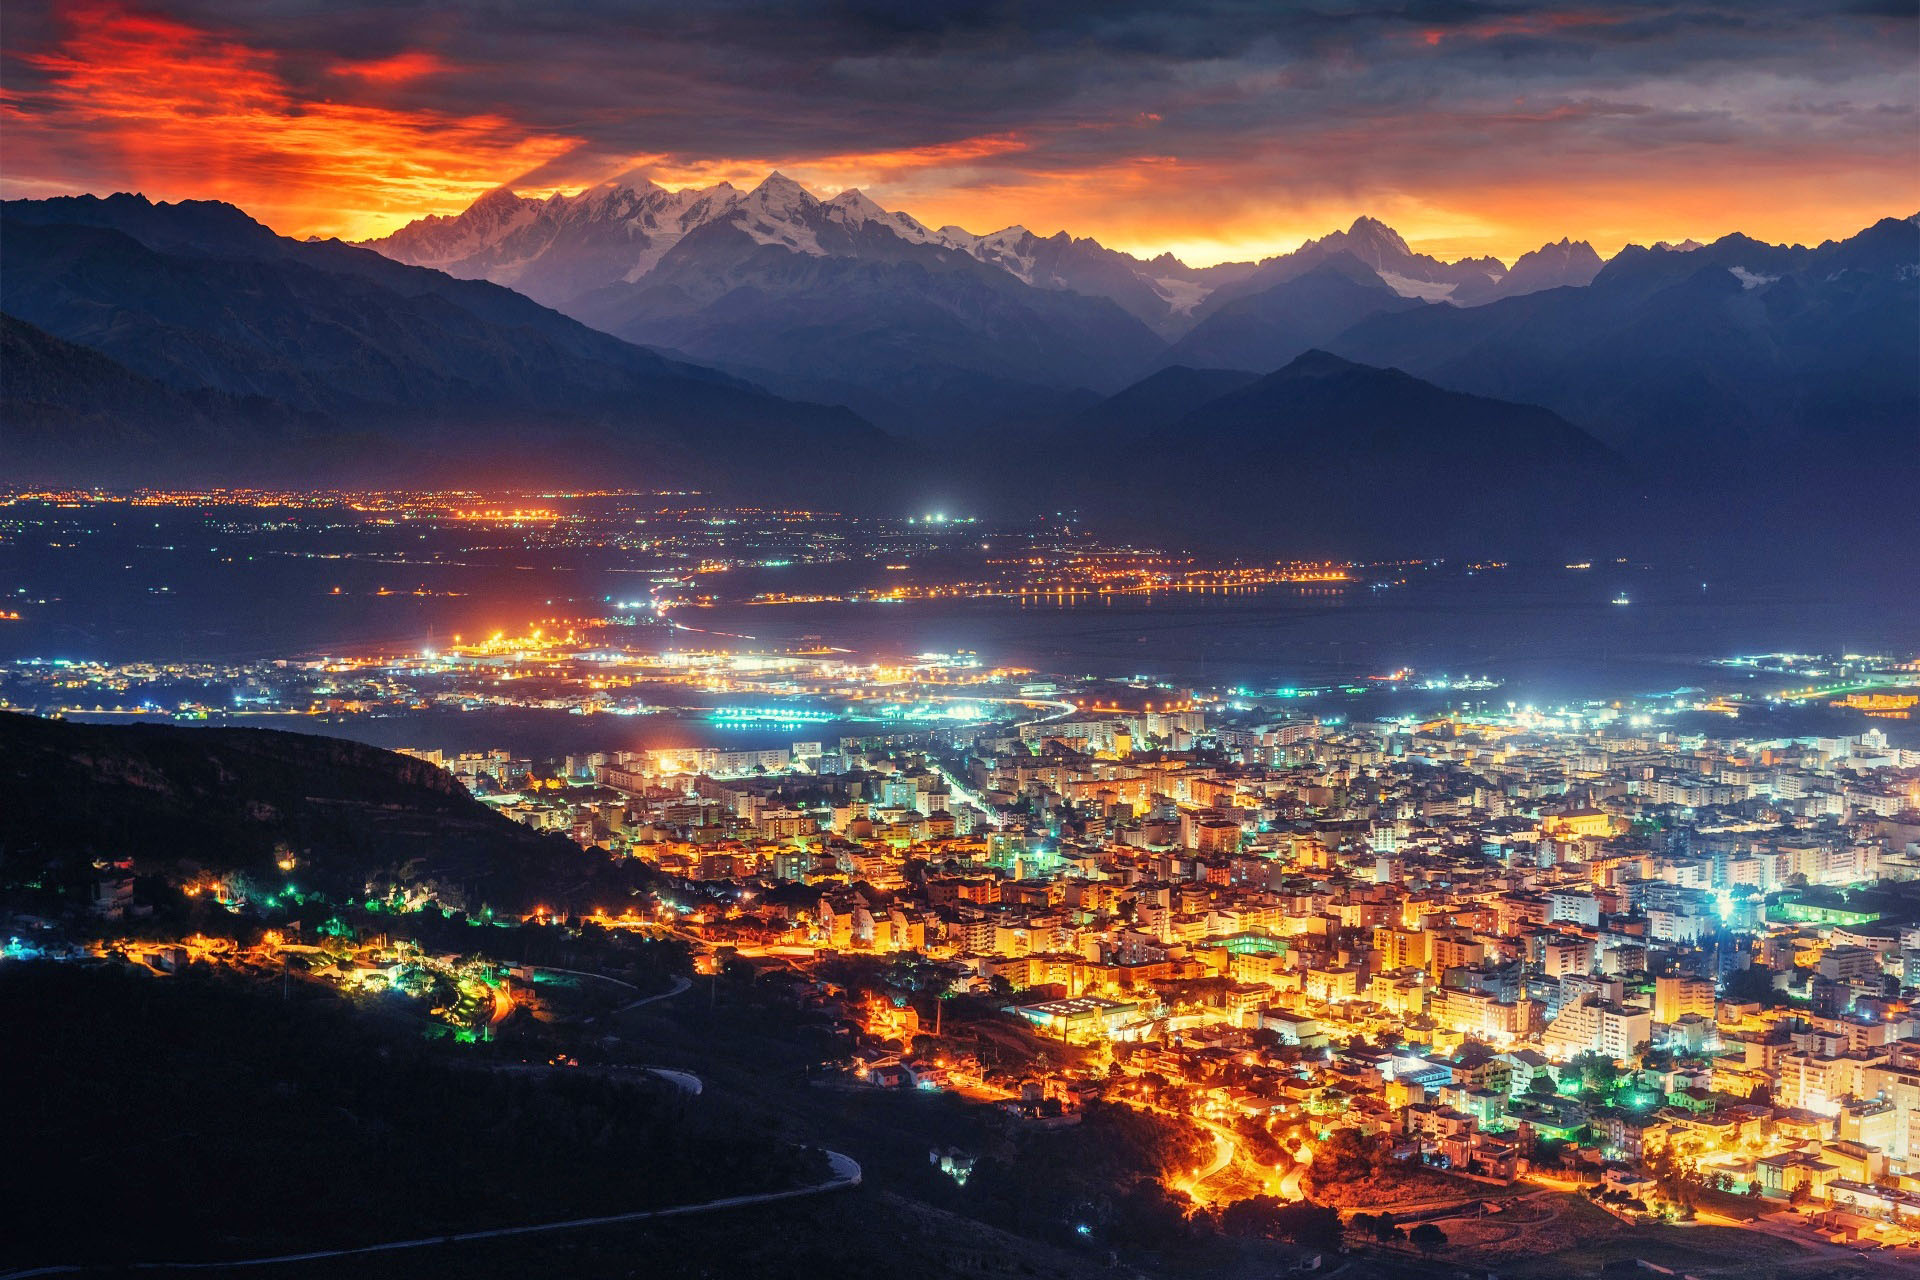 シチリア島の夜の風景